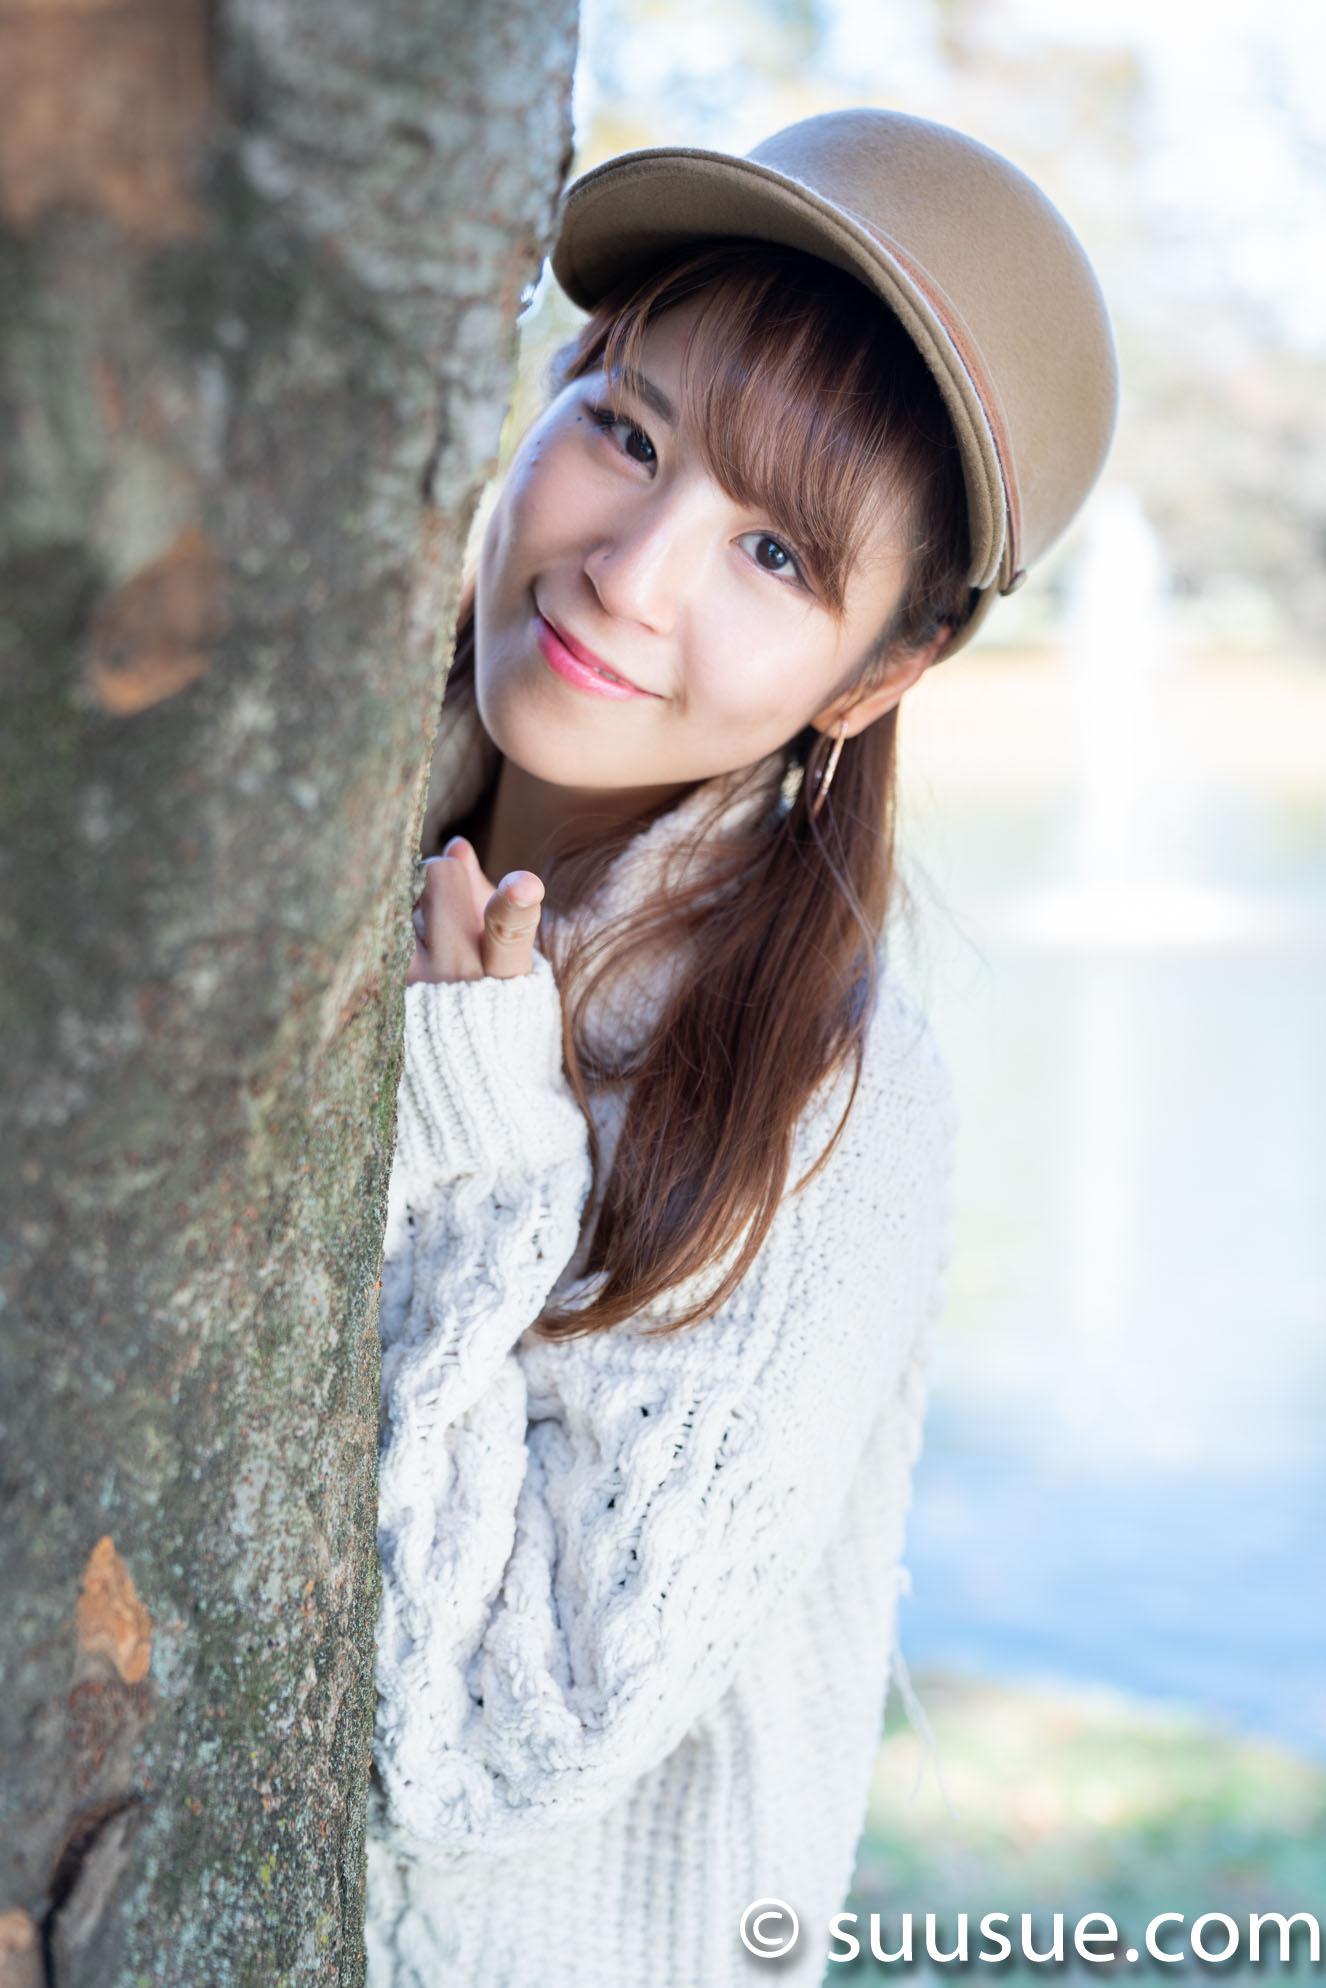 五十川ちほ 2019/11/17 NewType撮影会 バースデー撮影会 代々木公園